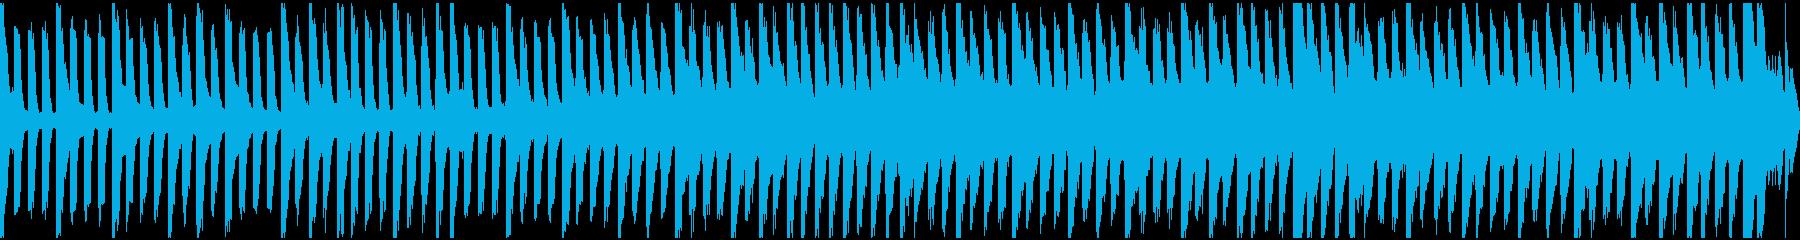 ピアノのゆったりした抑圧感を醸すループの再生済みの波形